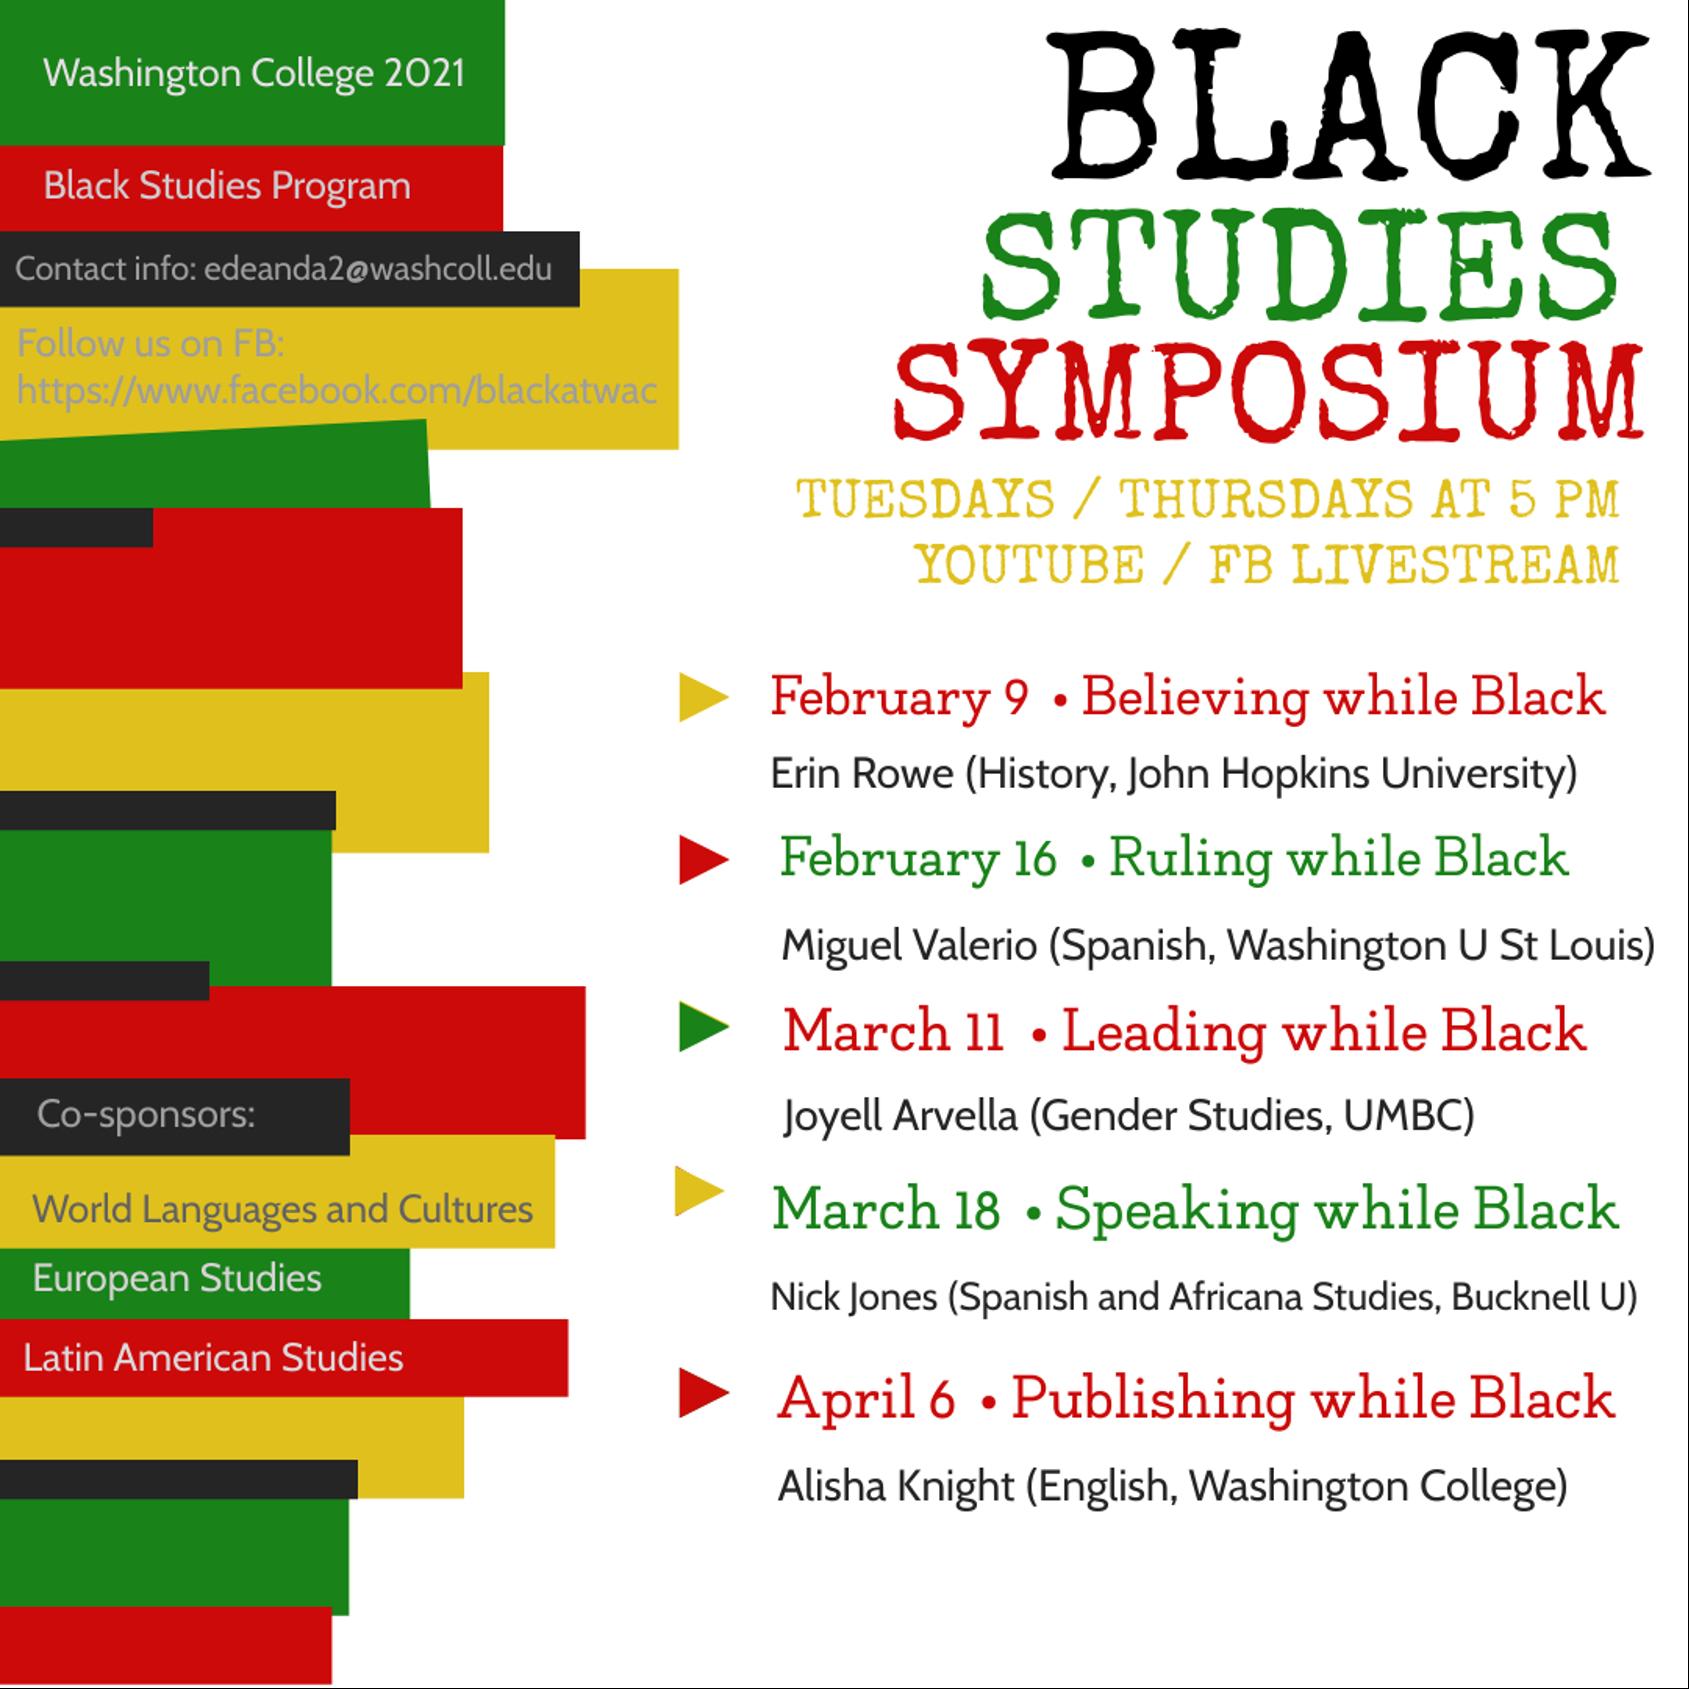 Black Studies Symposium - Believing while Black